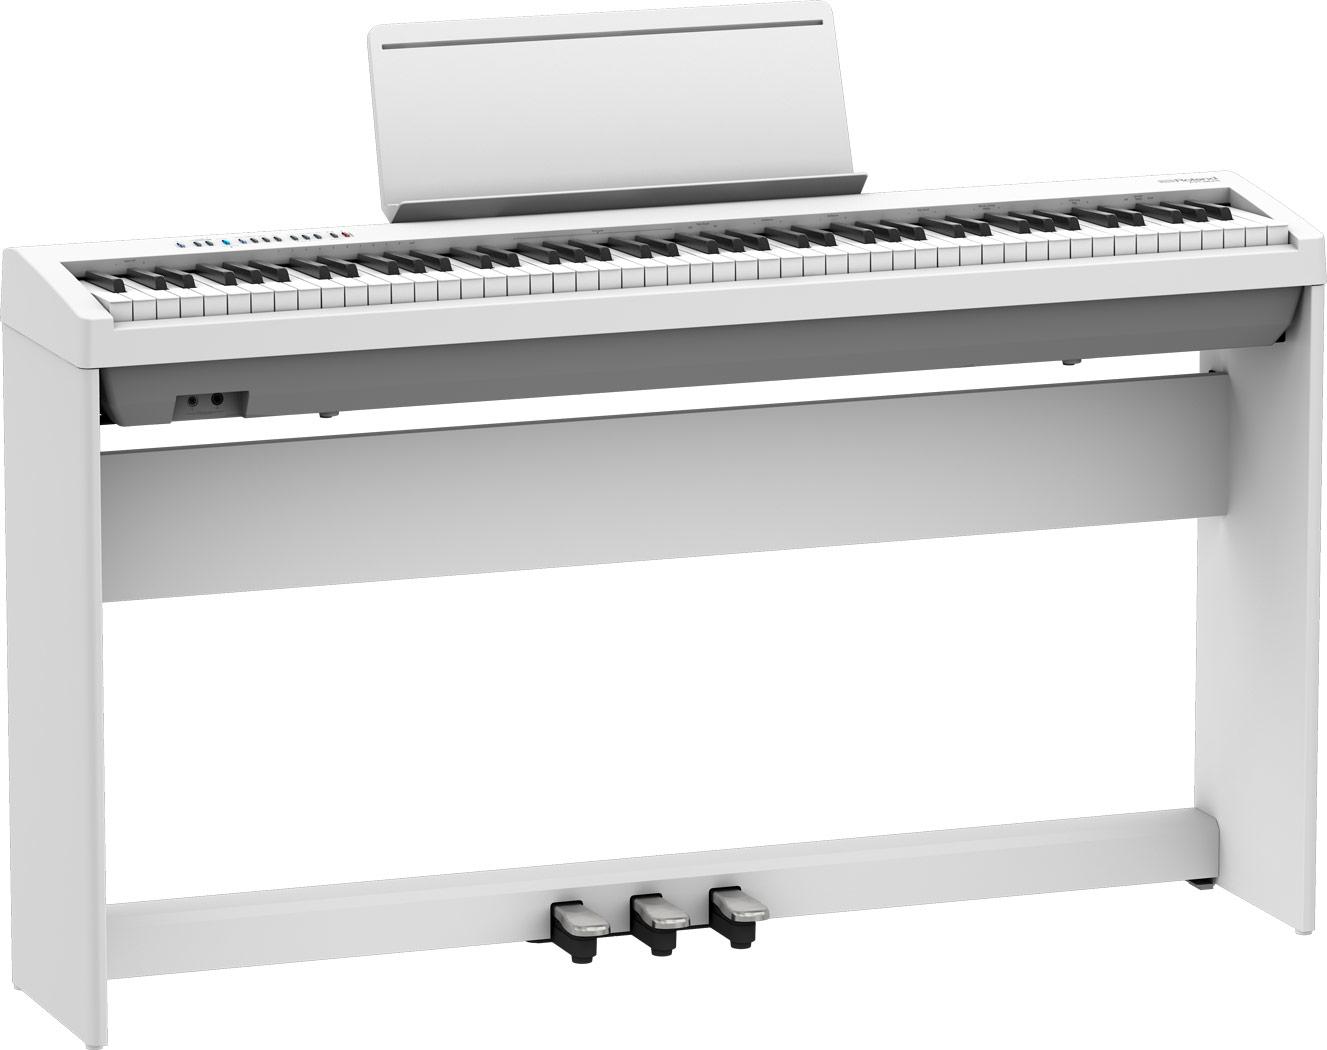 Roland FP-30X-WH